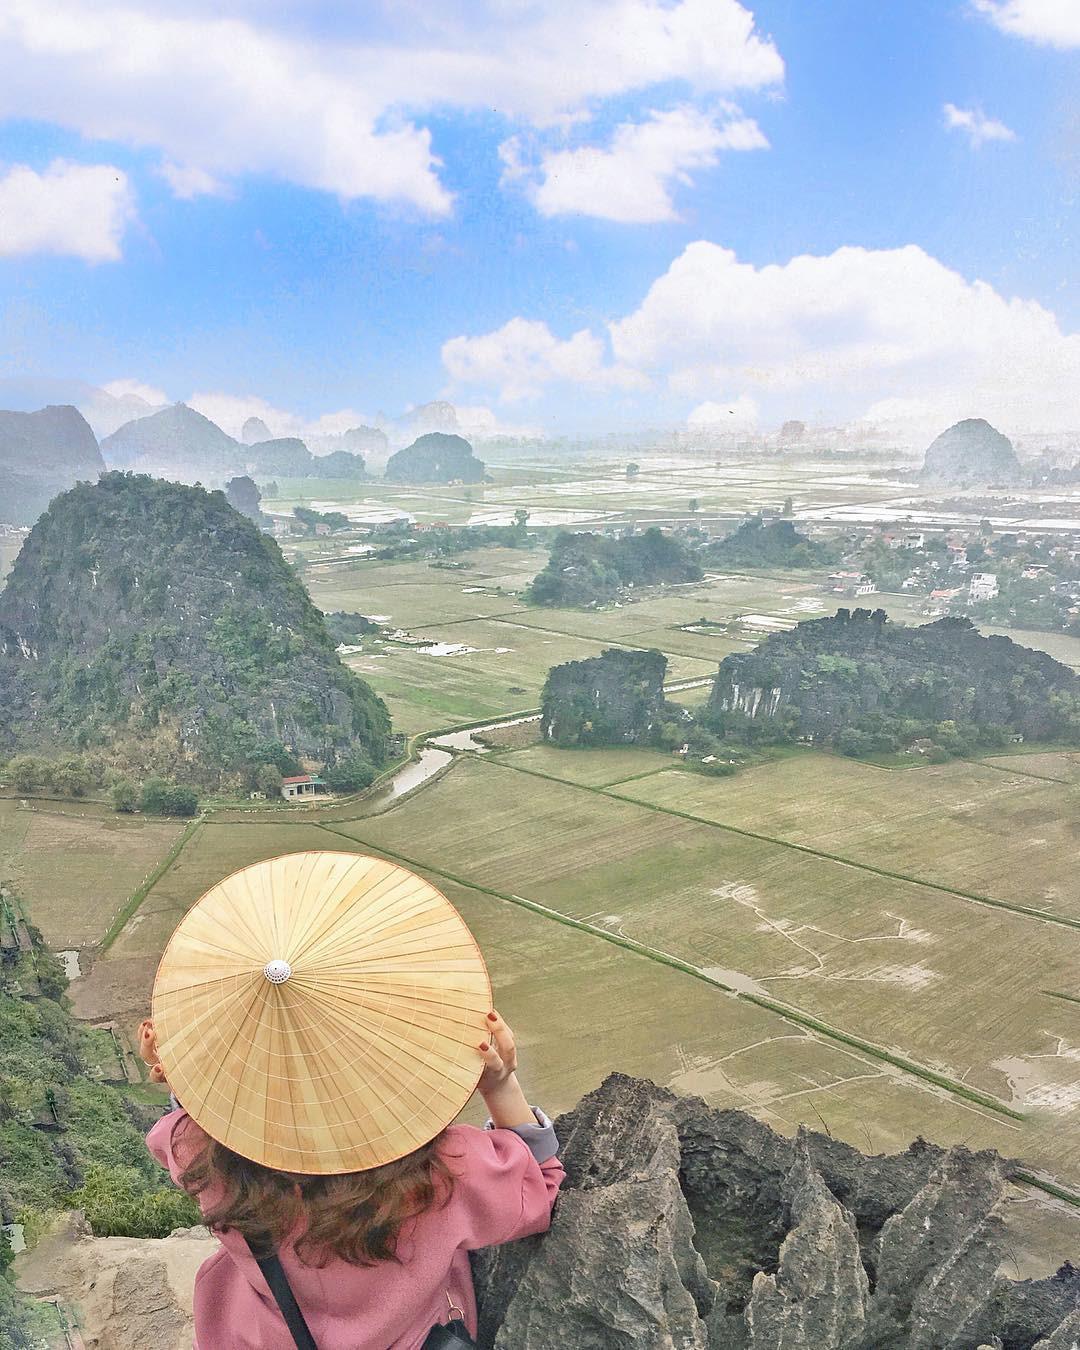 Hang Múa mờ ảo, khác biệt trong ảnh chỉnh sửa của giới trẻ Việt Ảnh 12